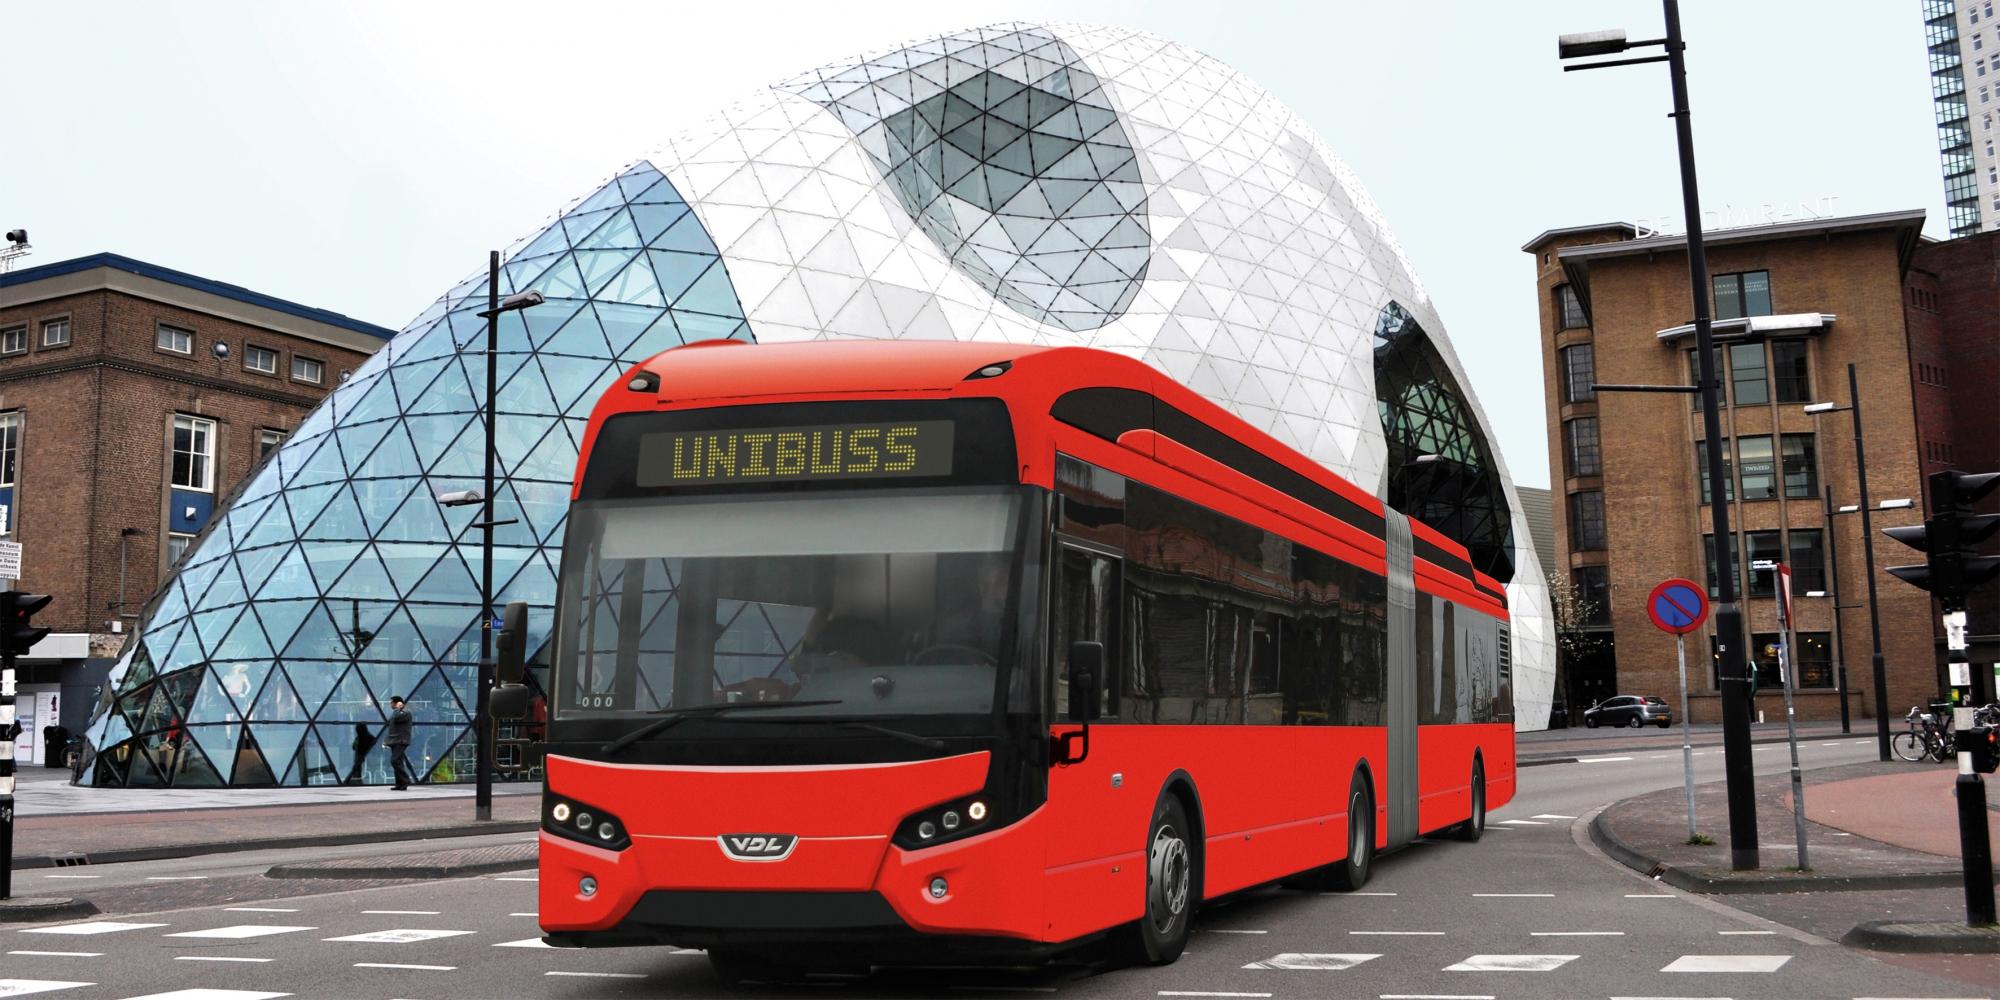 vdl bus & coach electric bus